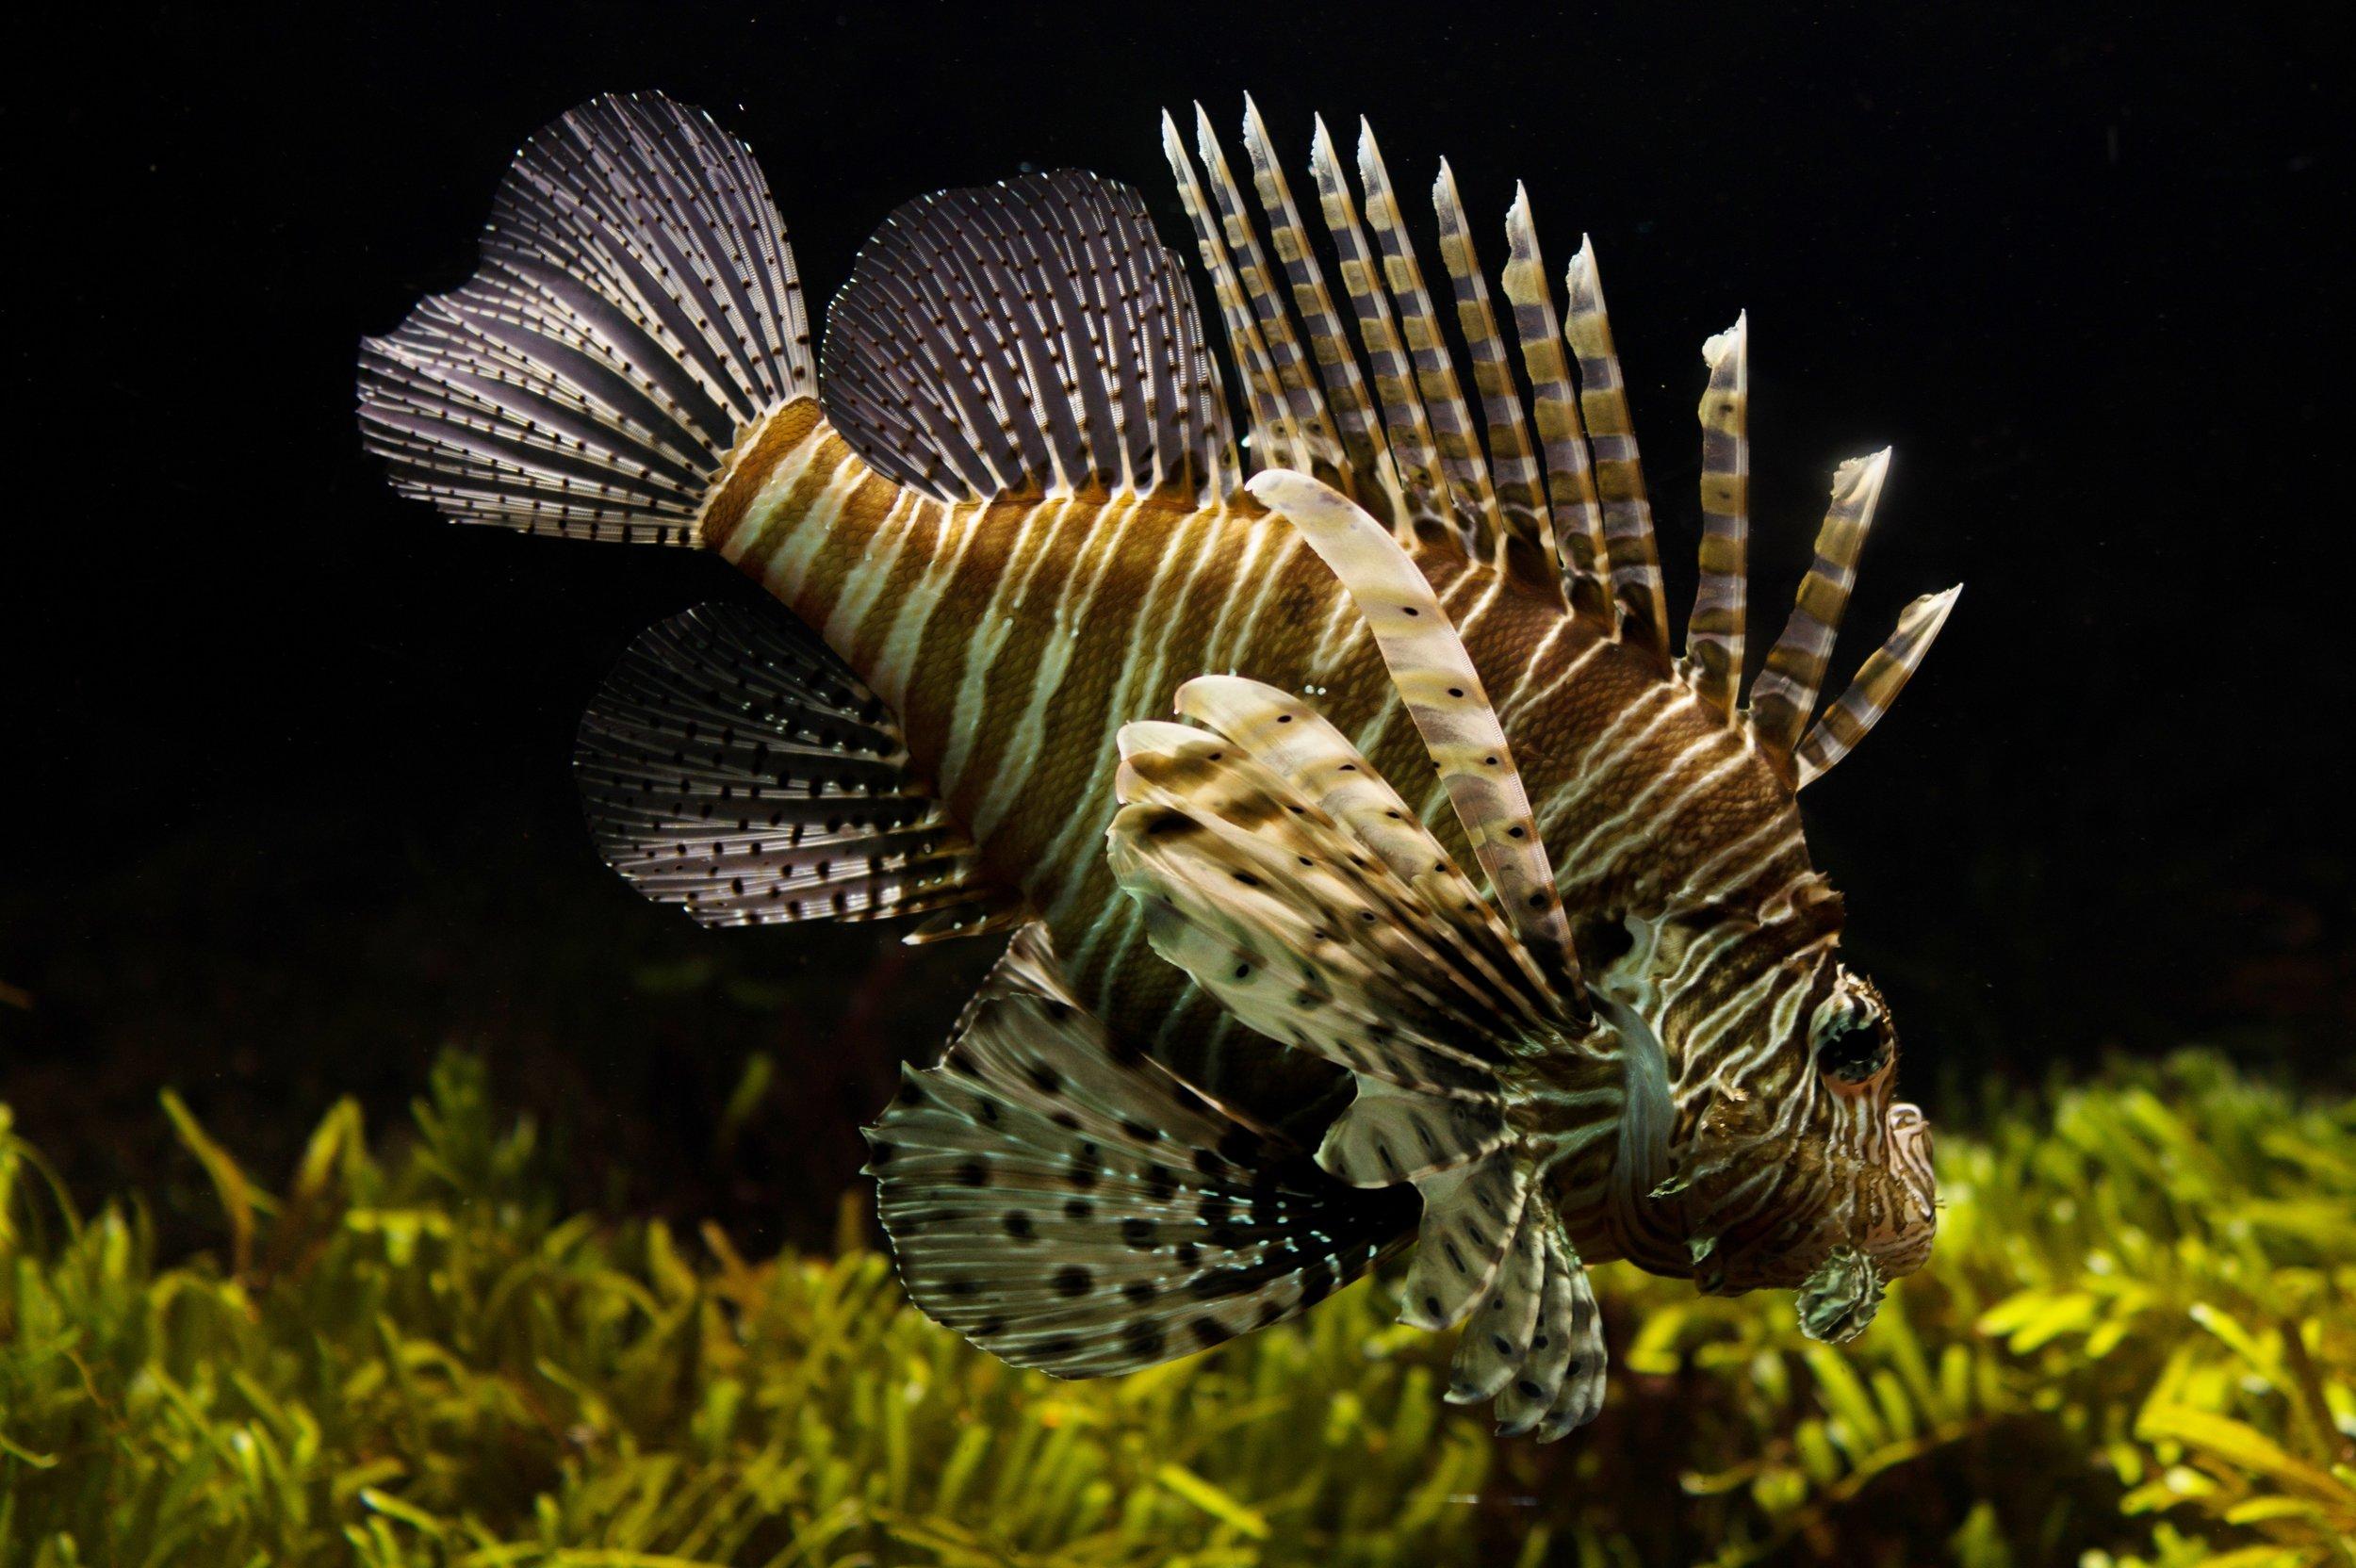 animal-fish-fishtank-9339.jpg